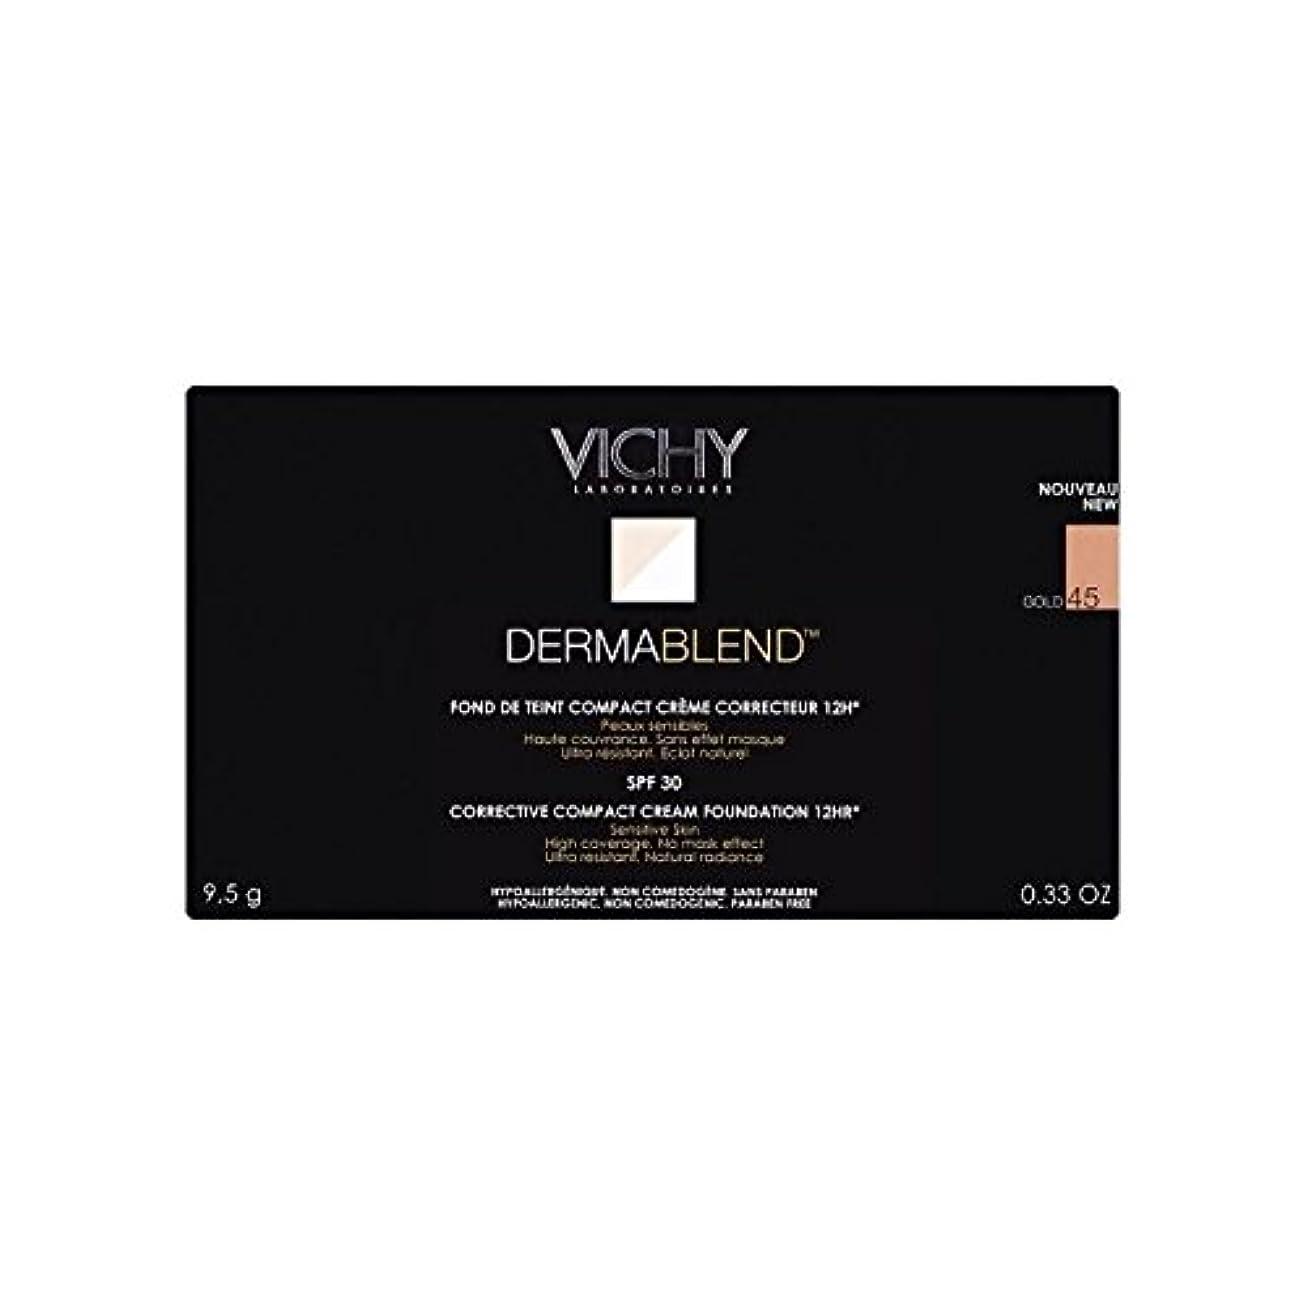 オーガニック虹博物館Vichy Dermablend Corrective Compact Cream Foundation Gold 45 (Pack of 6) - ヴィシー是正コンパクトクリームファンデーション金45 x6 [並行輸入品]